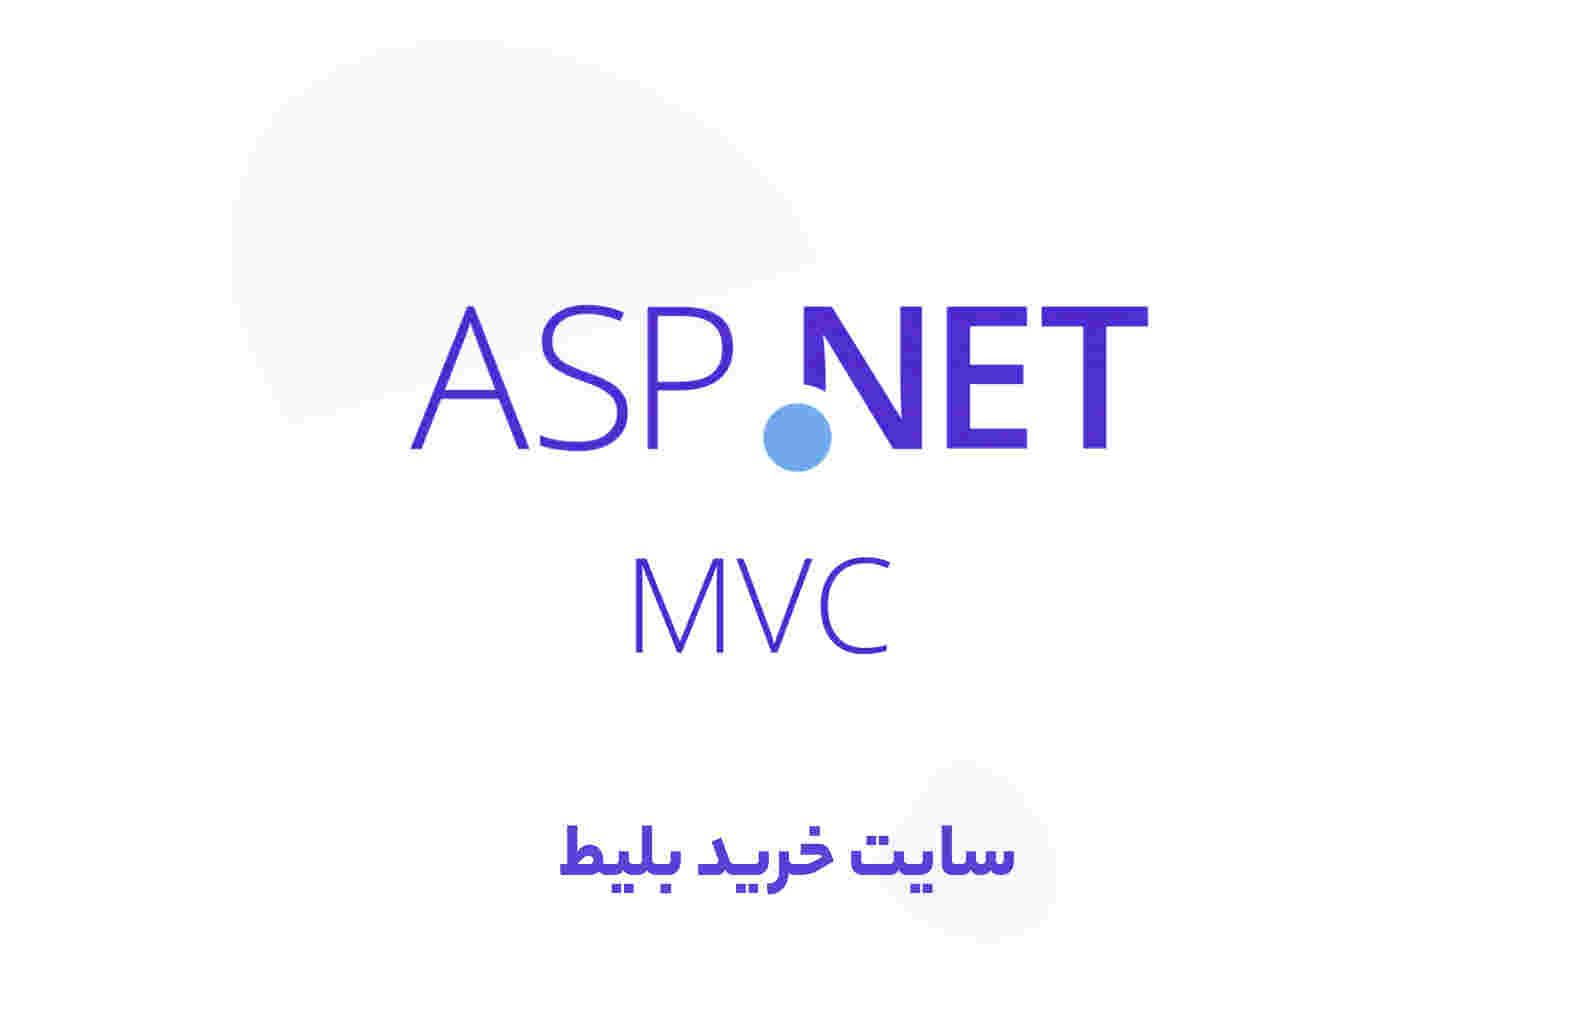 آموزش طراحی و ساخت سایت خرید بلیط با ASP.net MVC